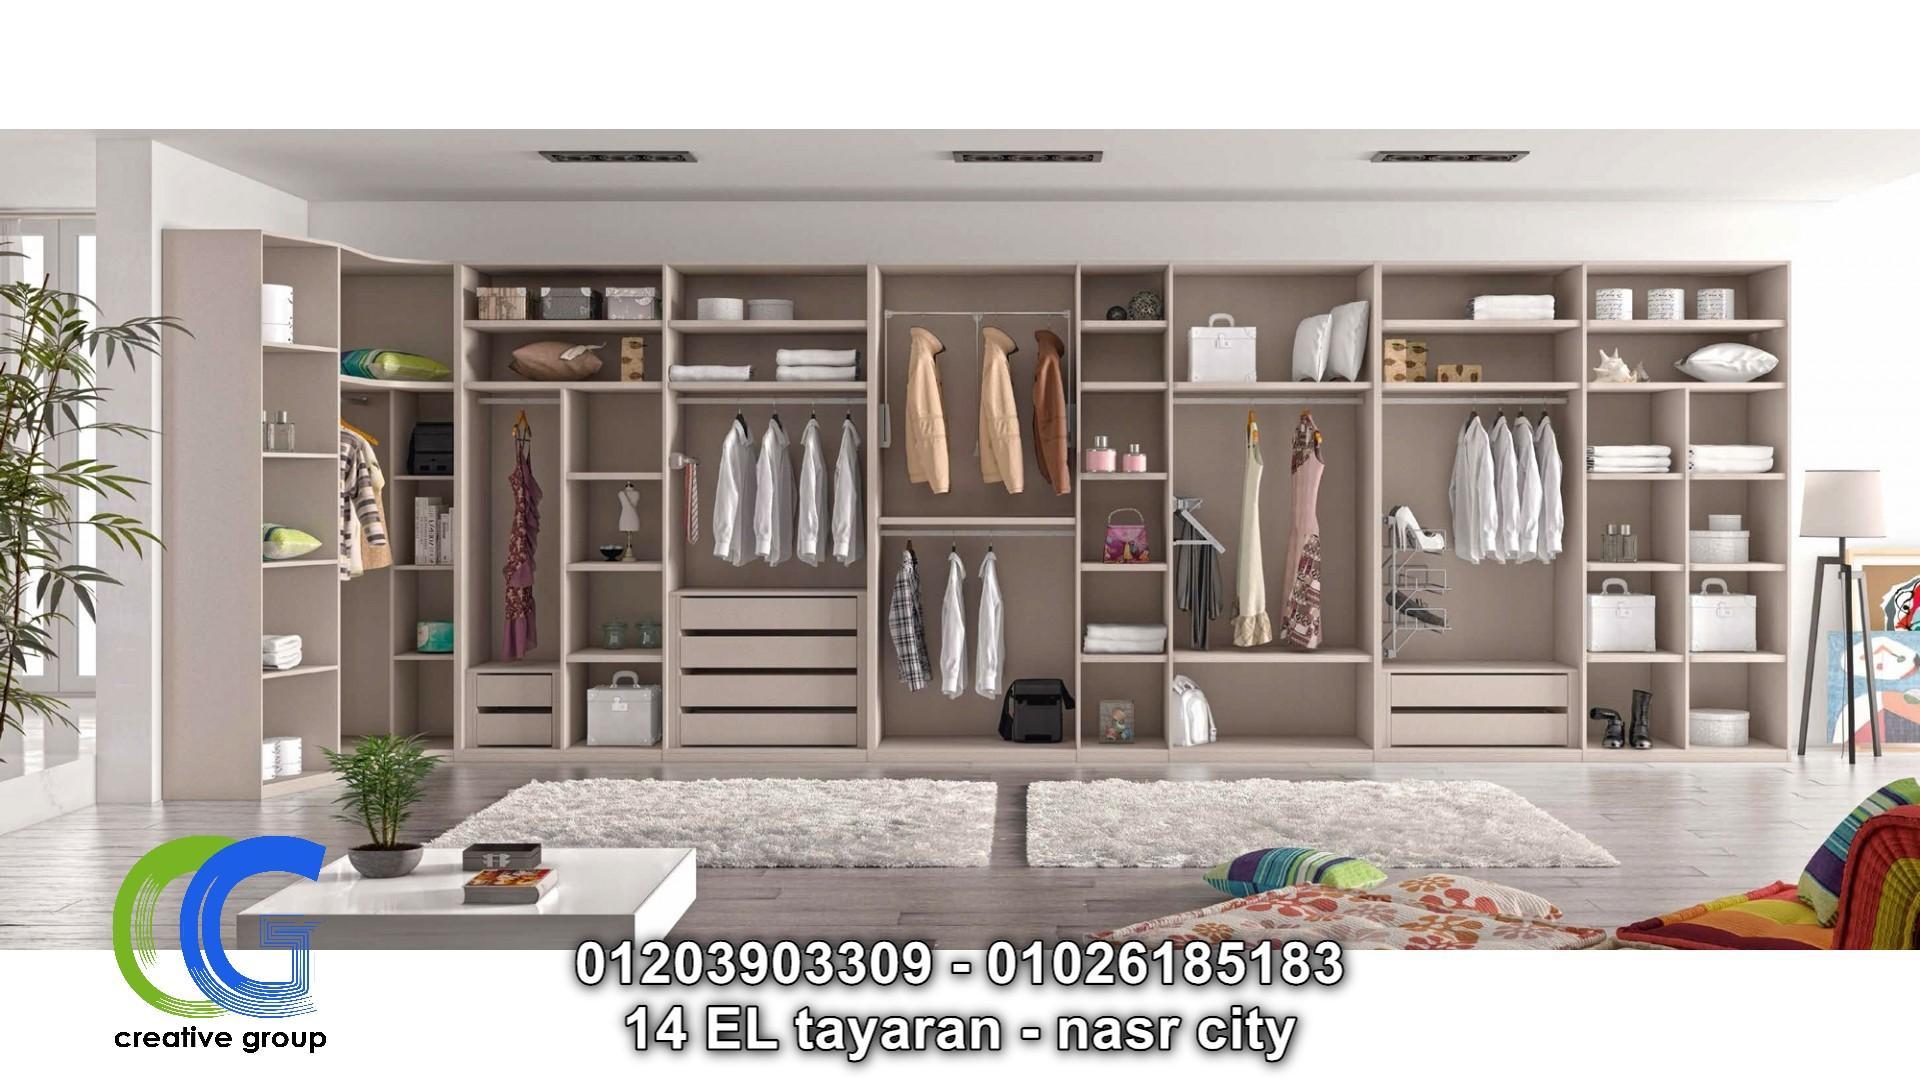 غرف ملابس حديثة – كرياتف جروب - 01026185183 763311117